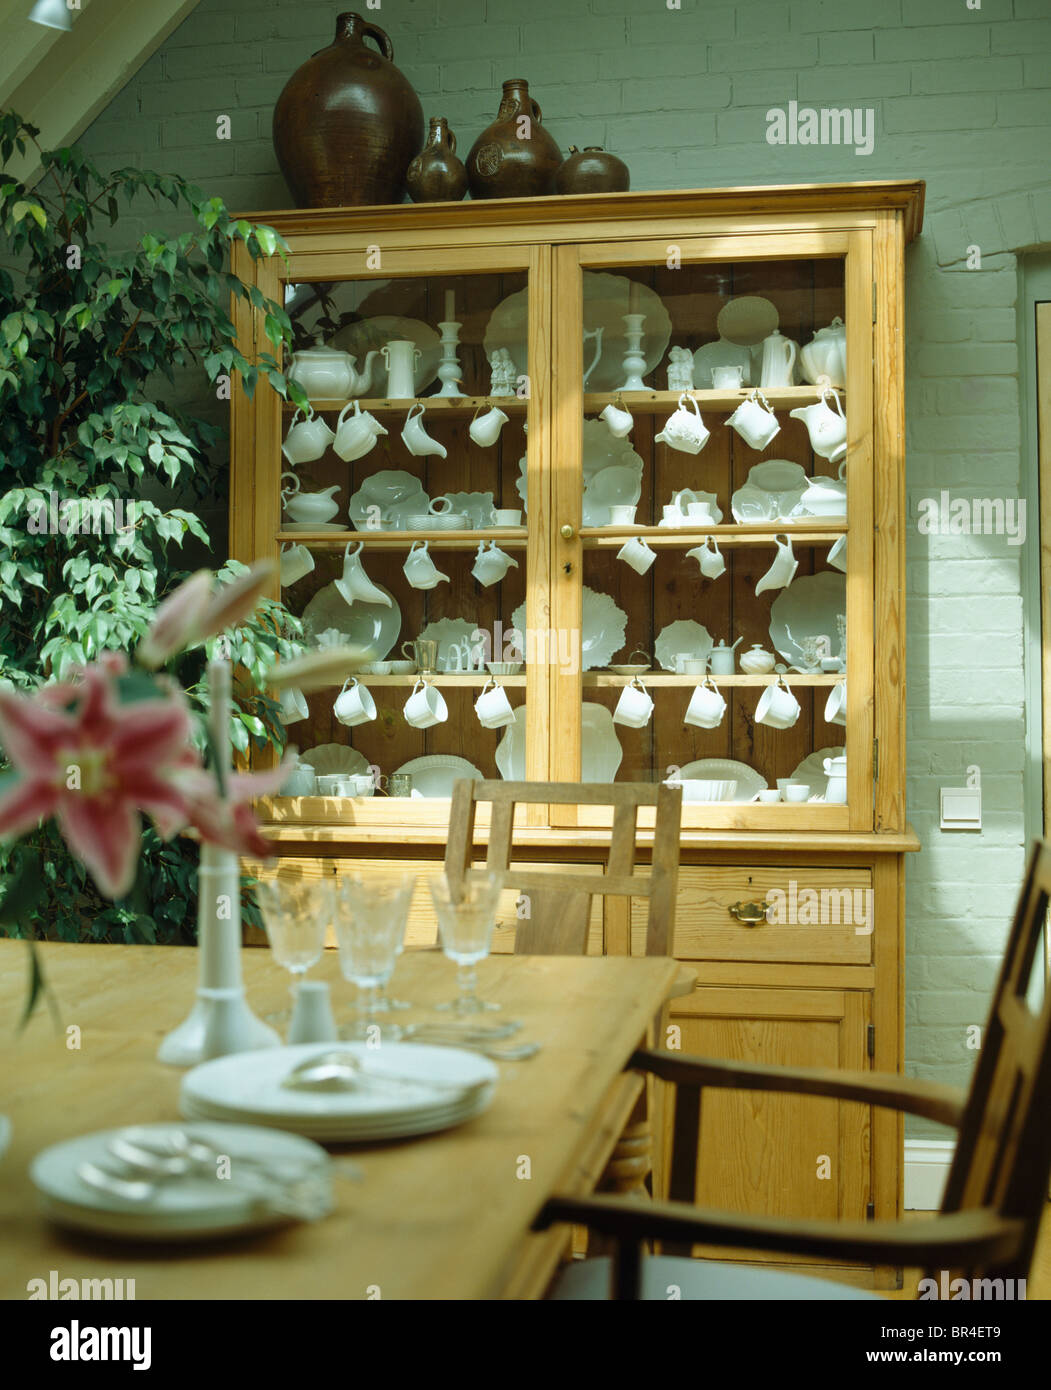 Sammlung Von Weißware In Regalen Im Kiefer Kommode Mit Glastüren In Pastell  Grünen Land Esszimmer